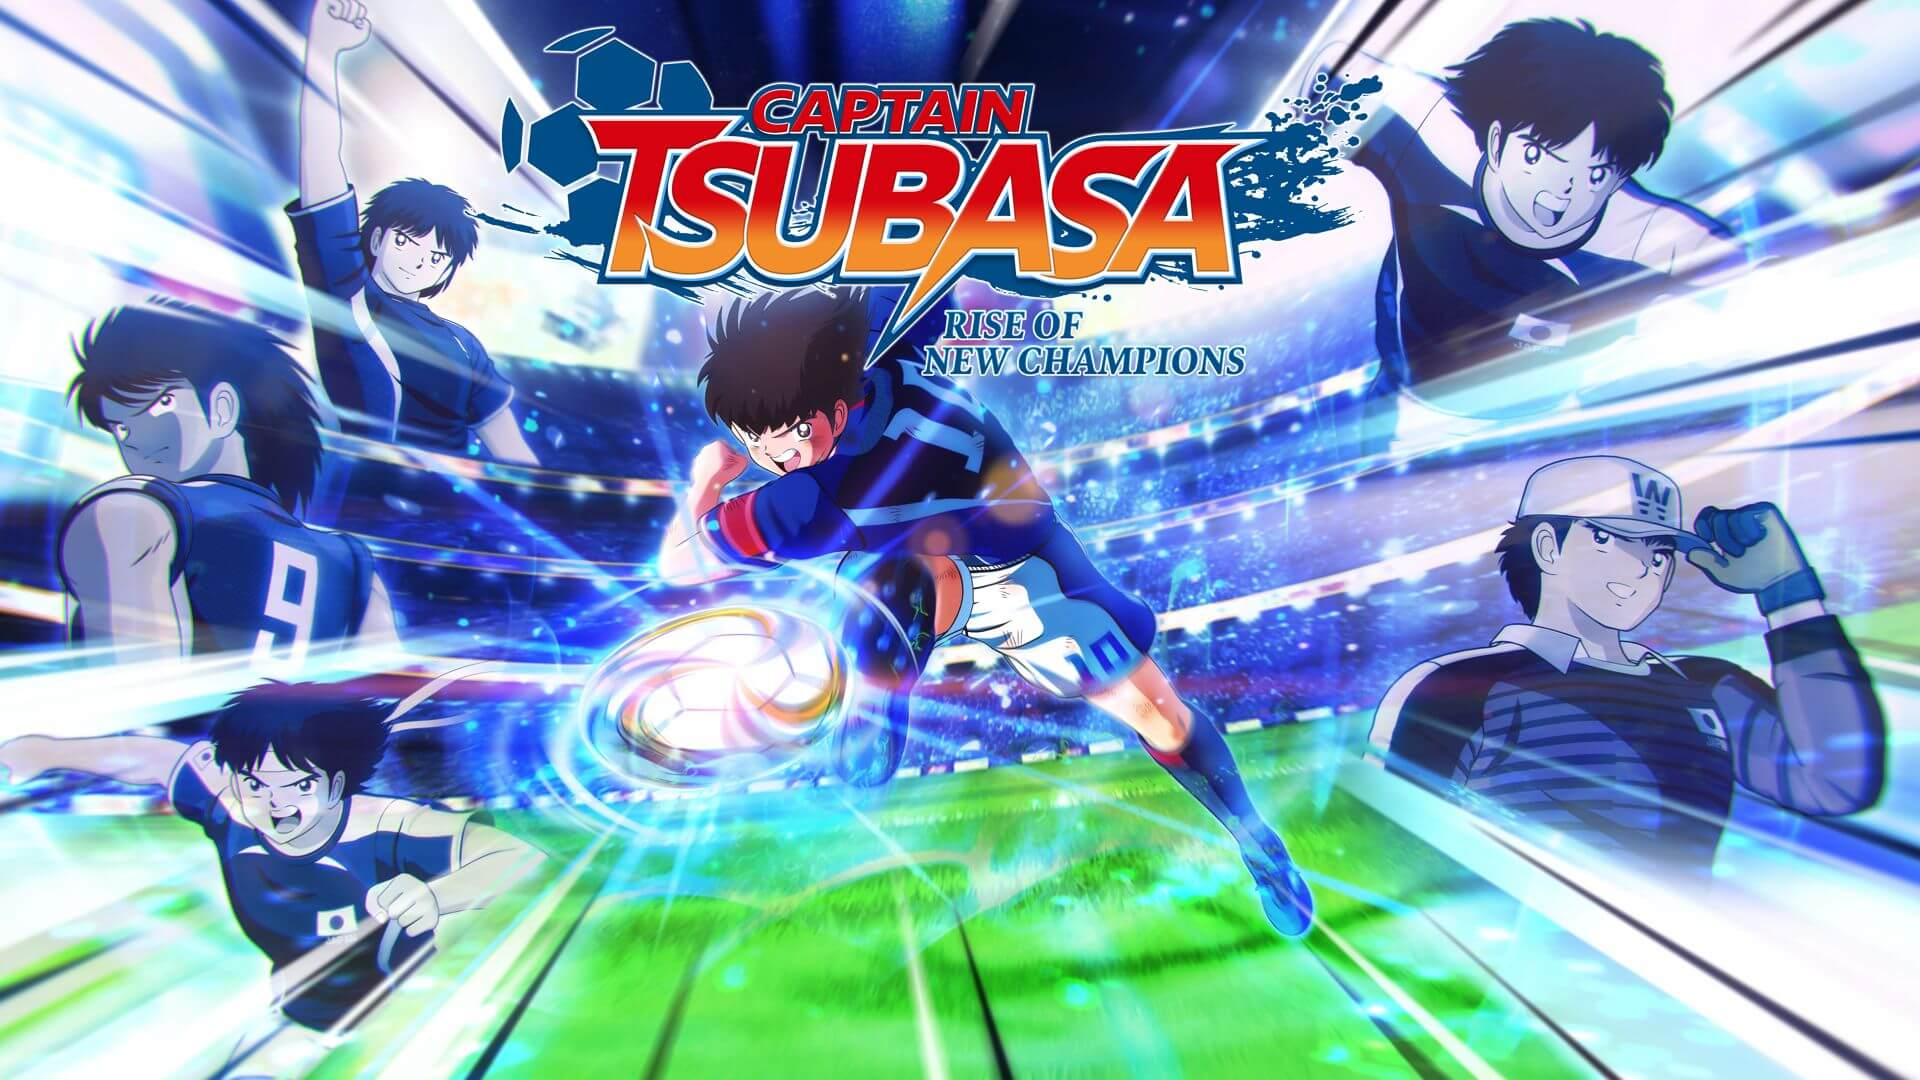 modo Nuevo héroe de CAPTAIN TSUBASA